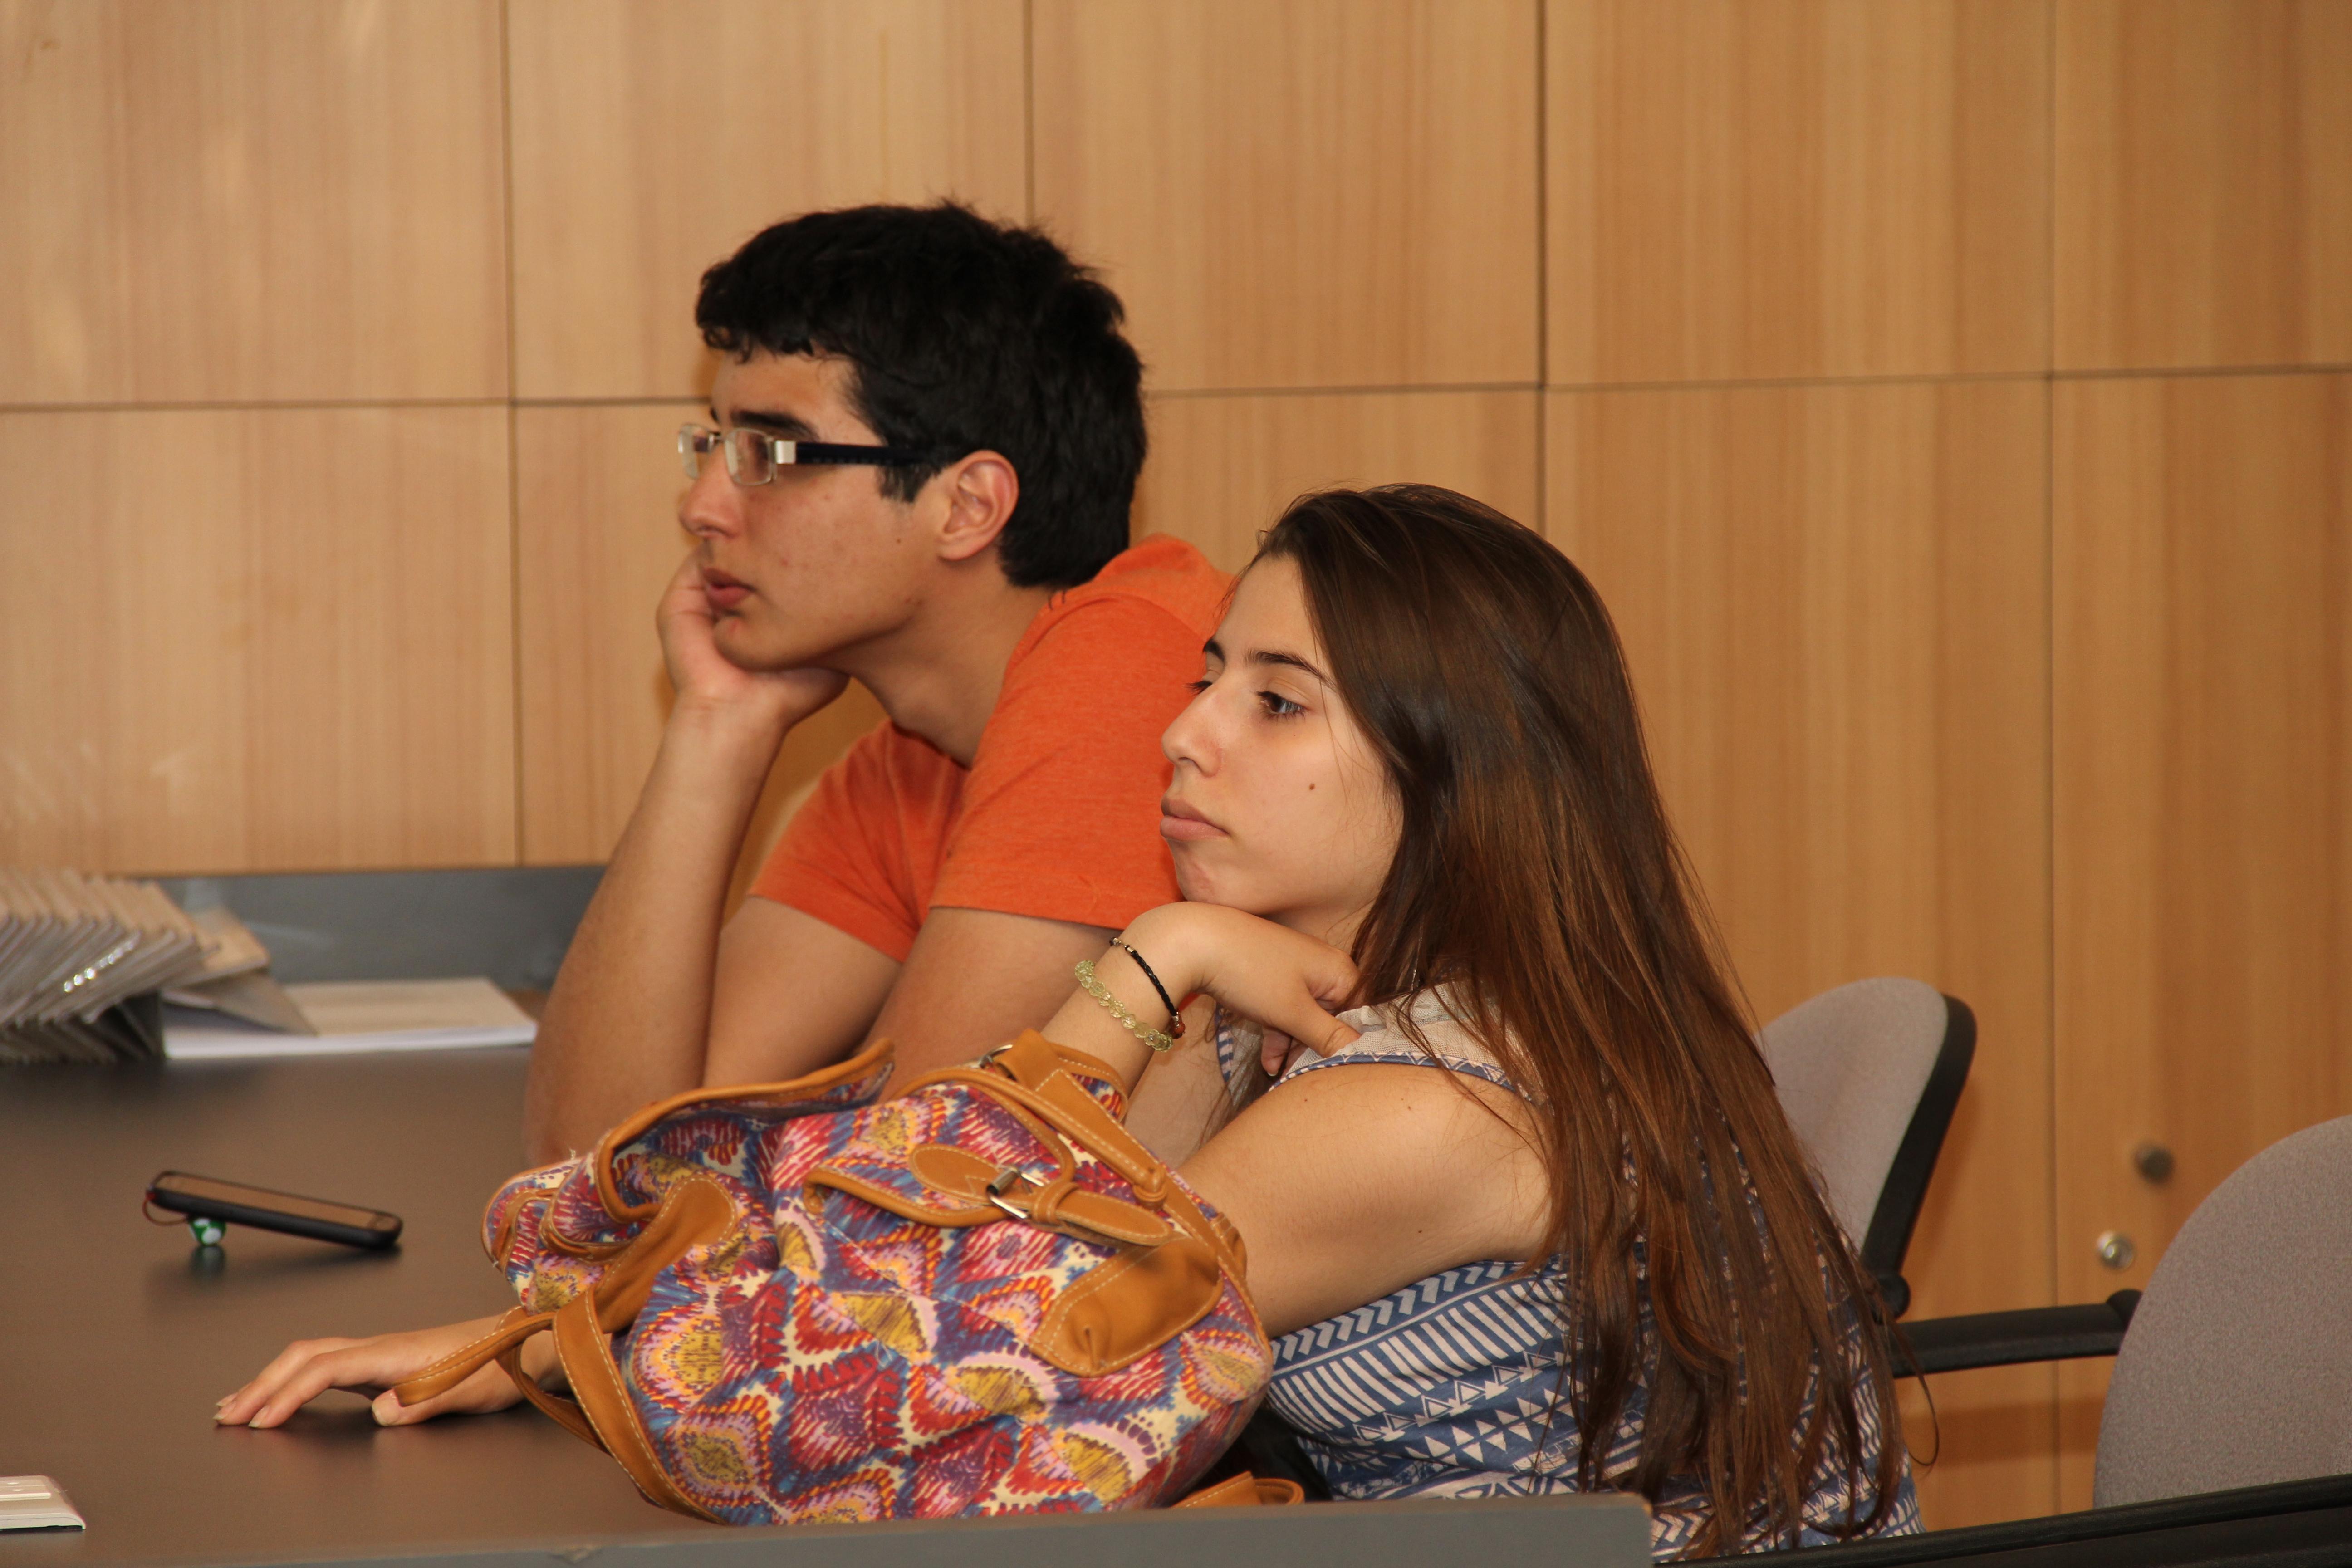 Charla Alma Ciencia Y Tecnolog 237 A Ingenier 237 A Uc